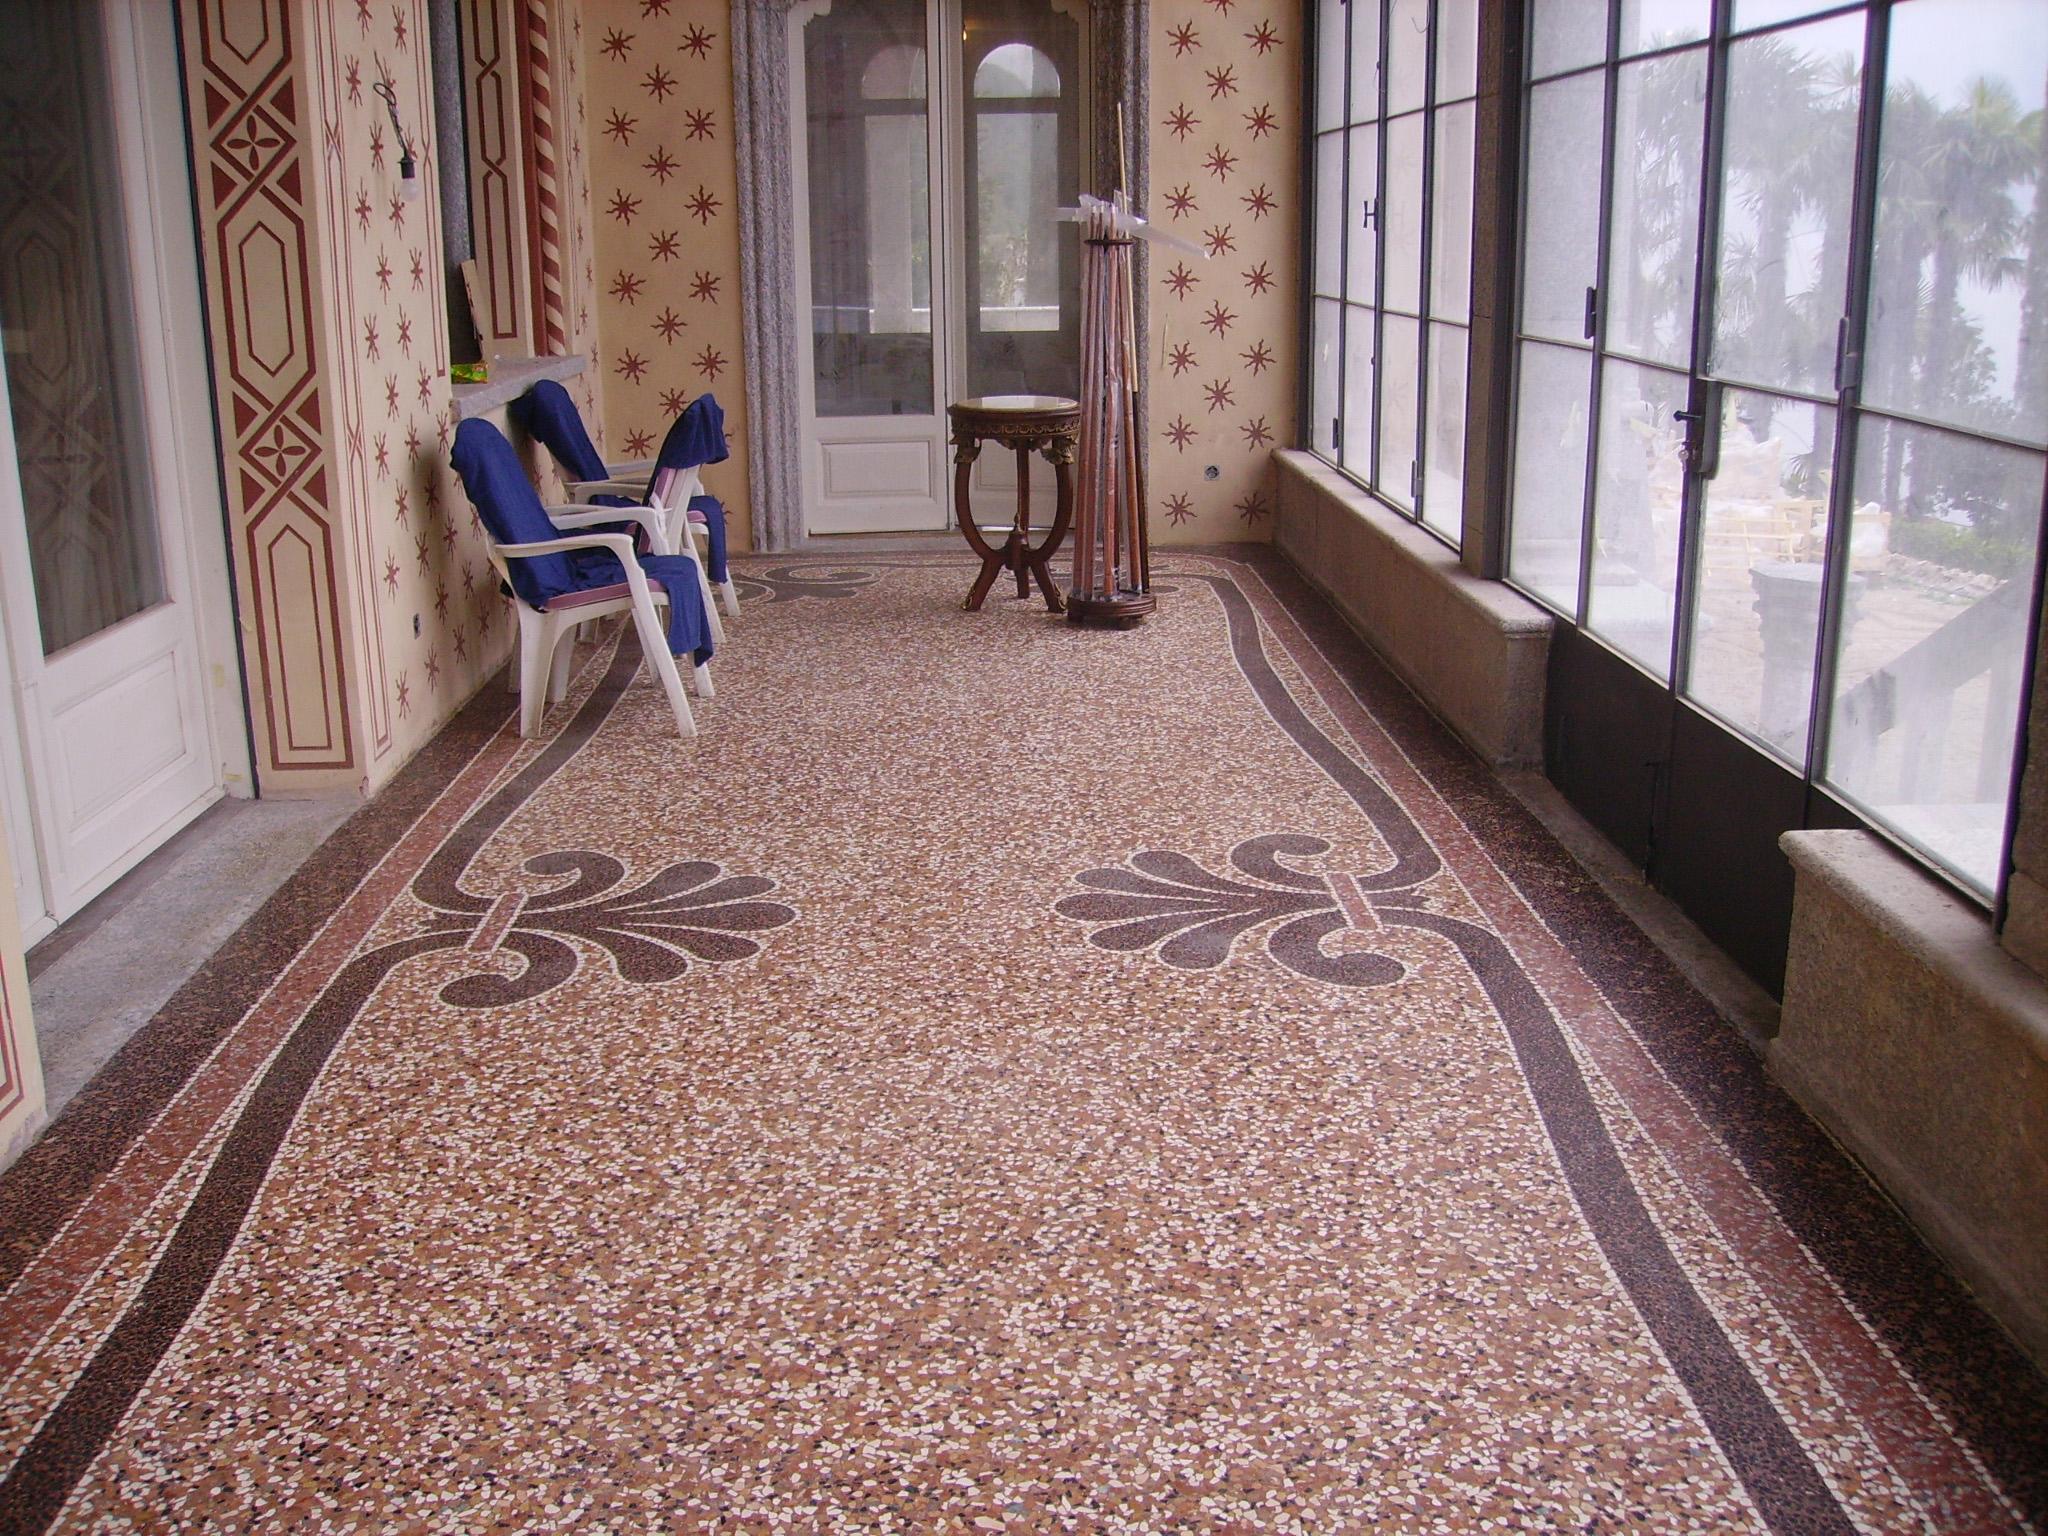 http://www.milgem.it/wp-content/uploads/2016/06/importante-restauro-di-pavimentazione-in-terrazzo-alla-veneziana.jpg